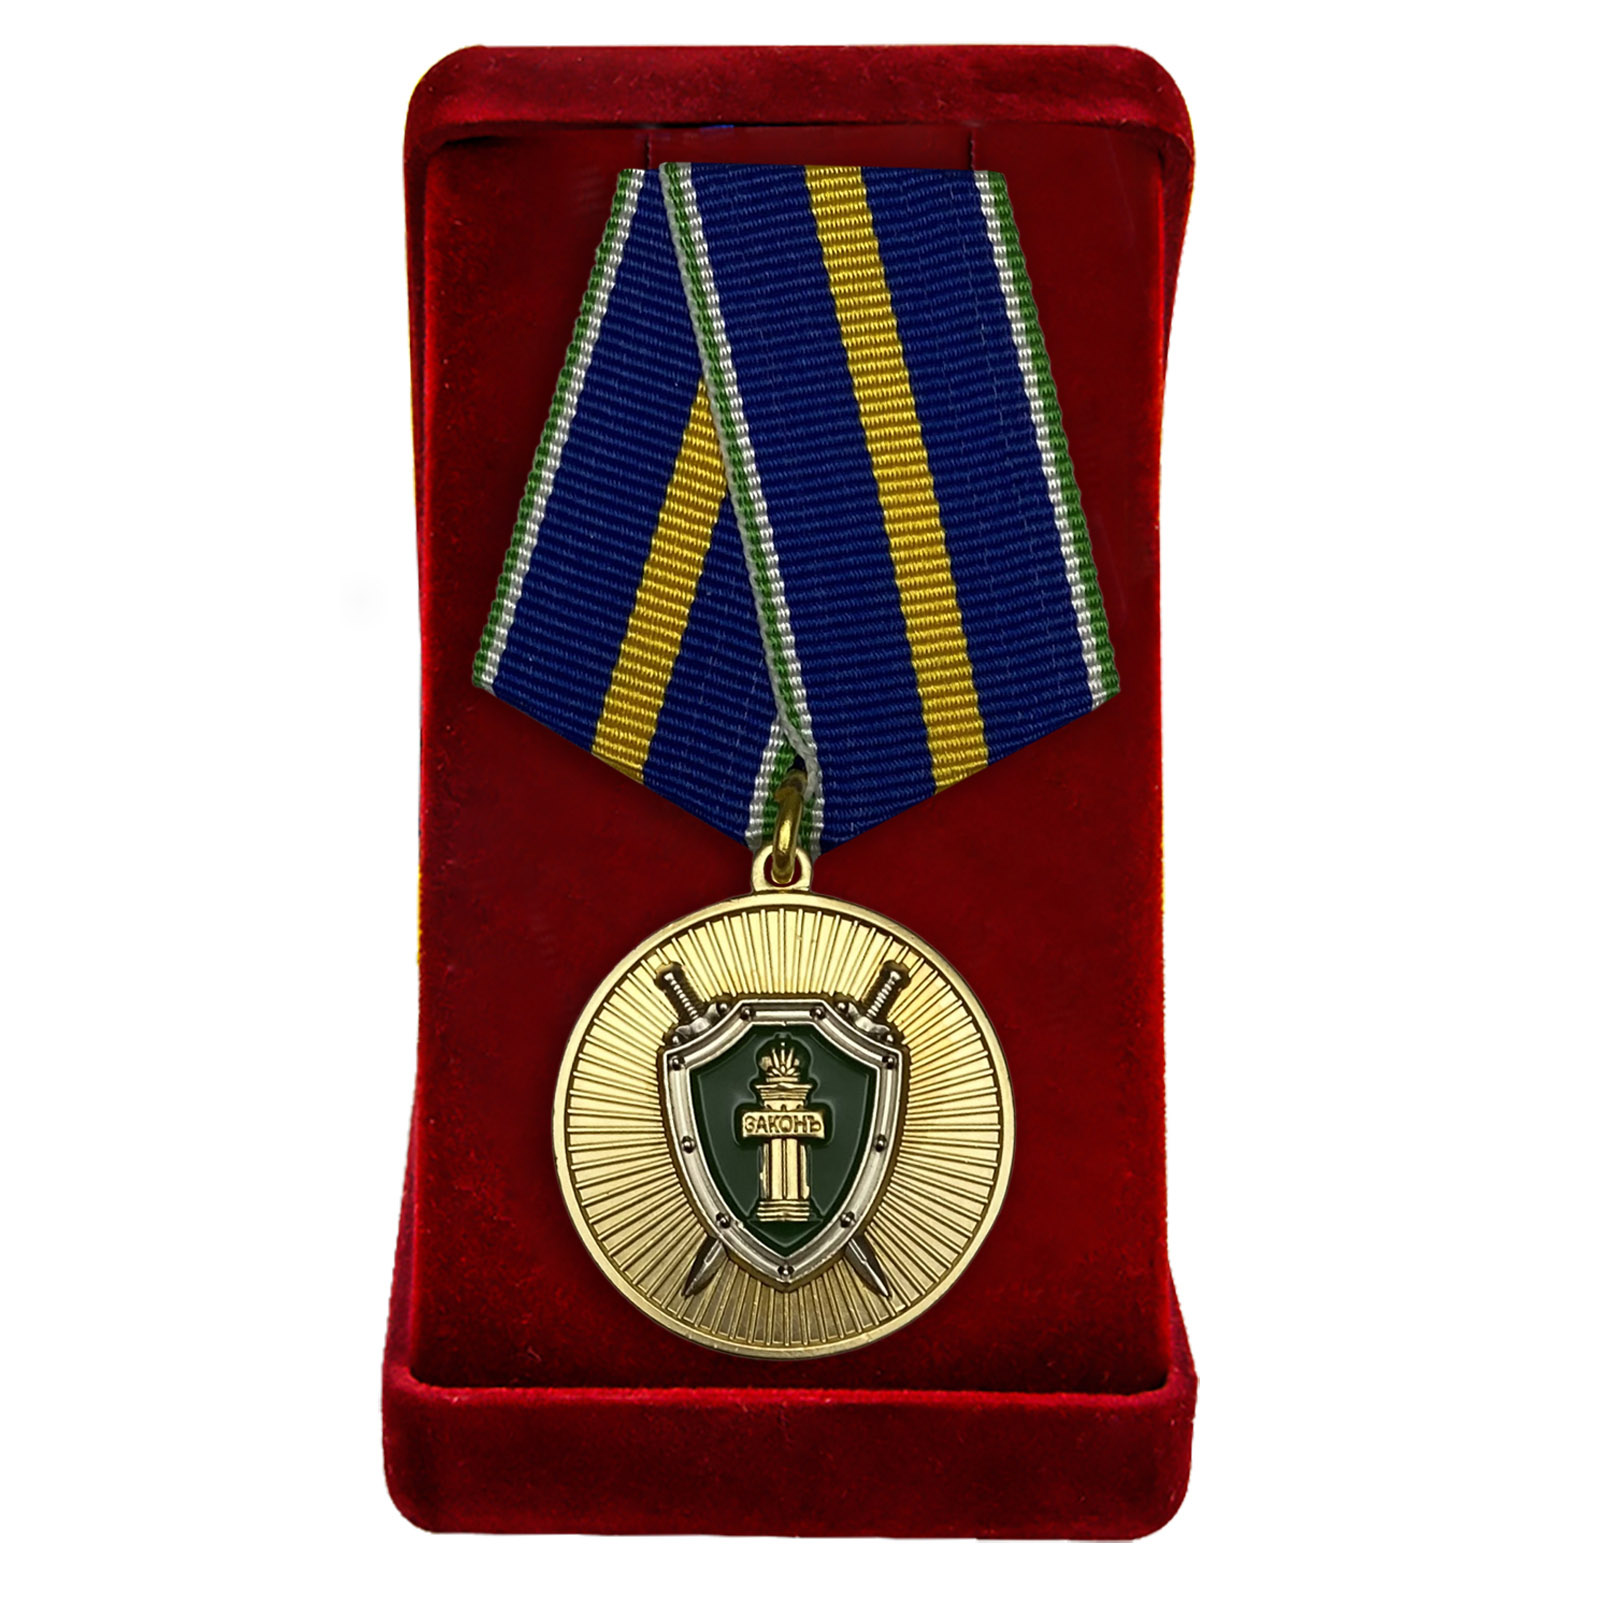 Купить памятную медаль Ветеран прокуратуры онлайн выгодно